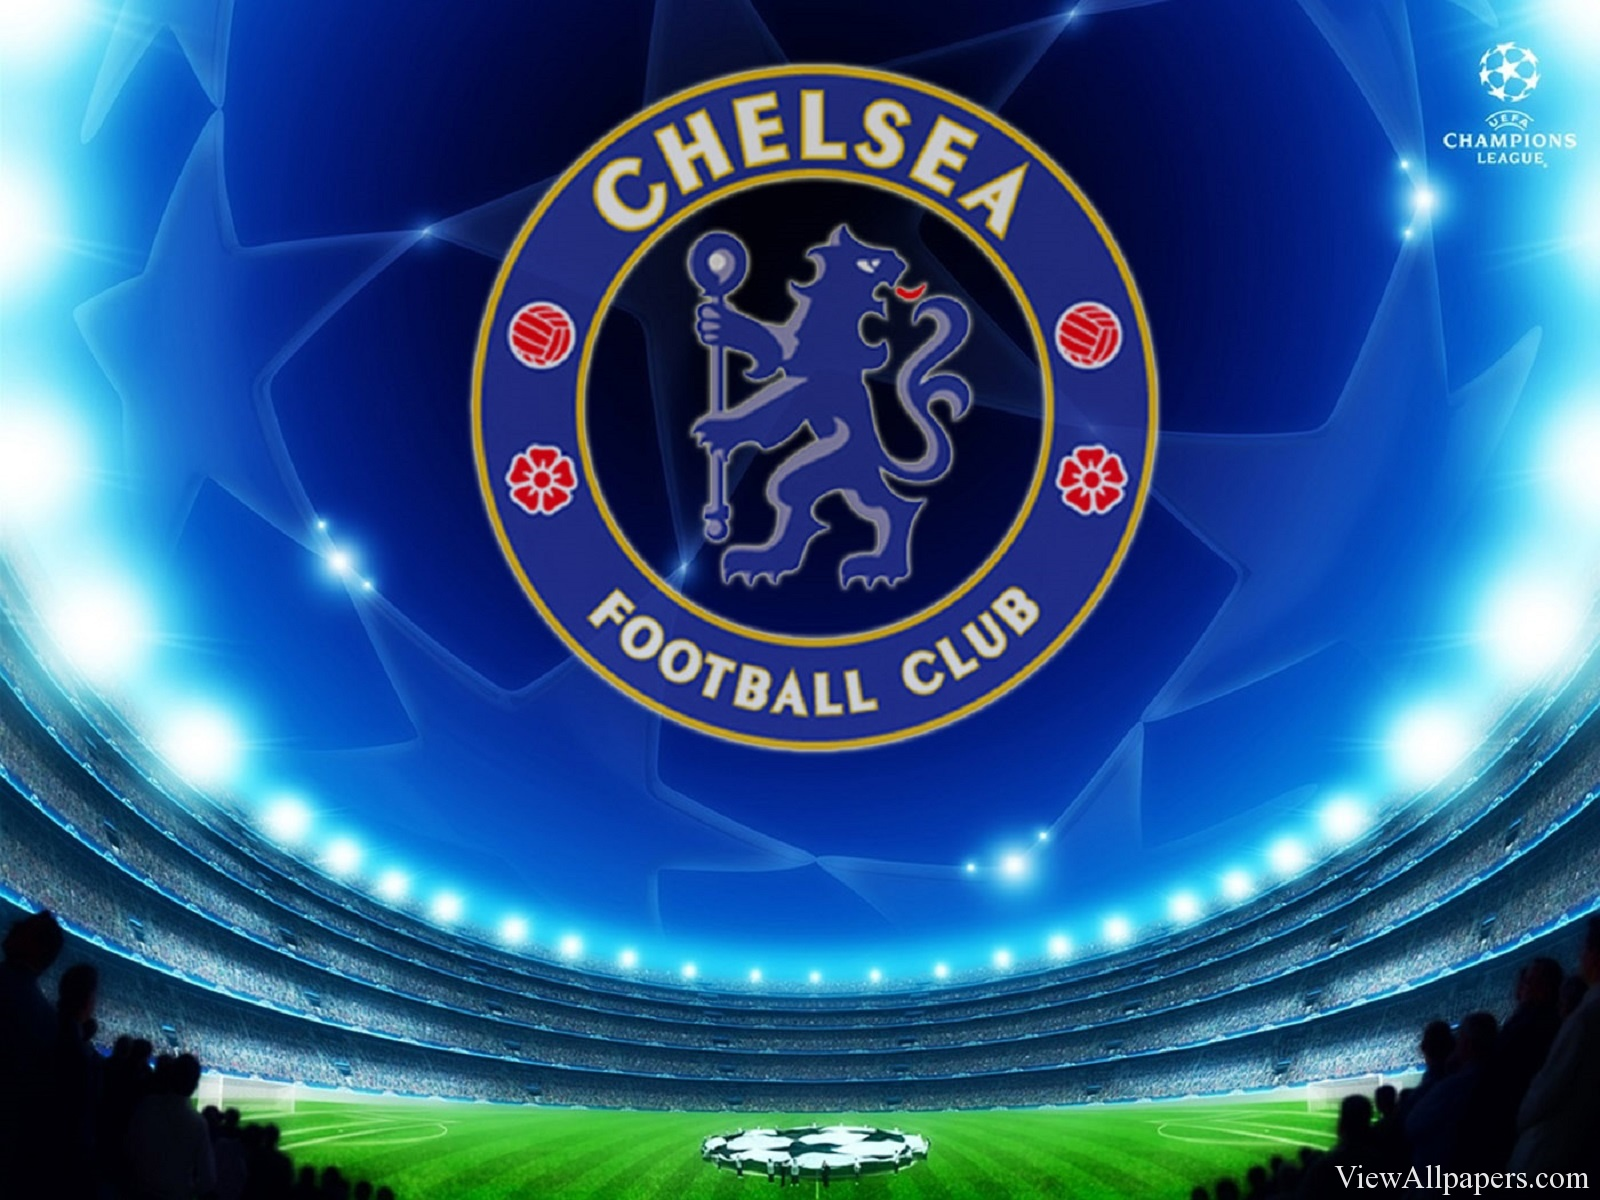 Chelsea fc desktop wallpaper wallpapersafari - Chelsea wallpaper 4k ...